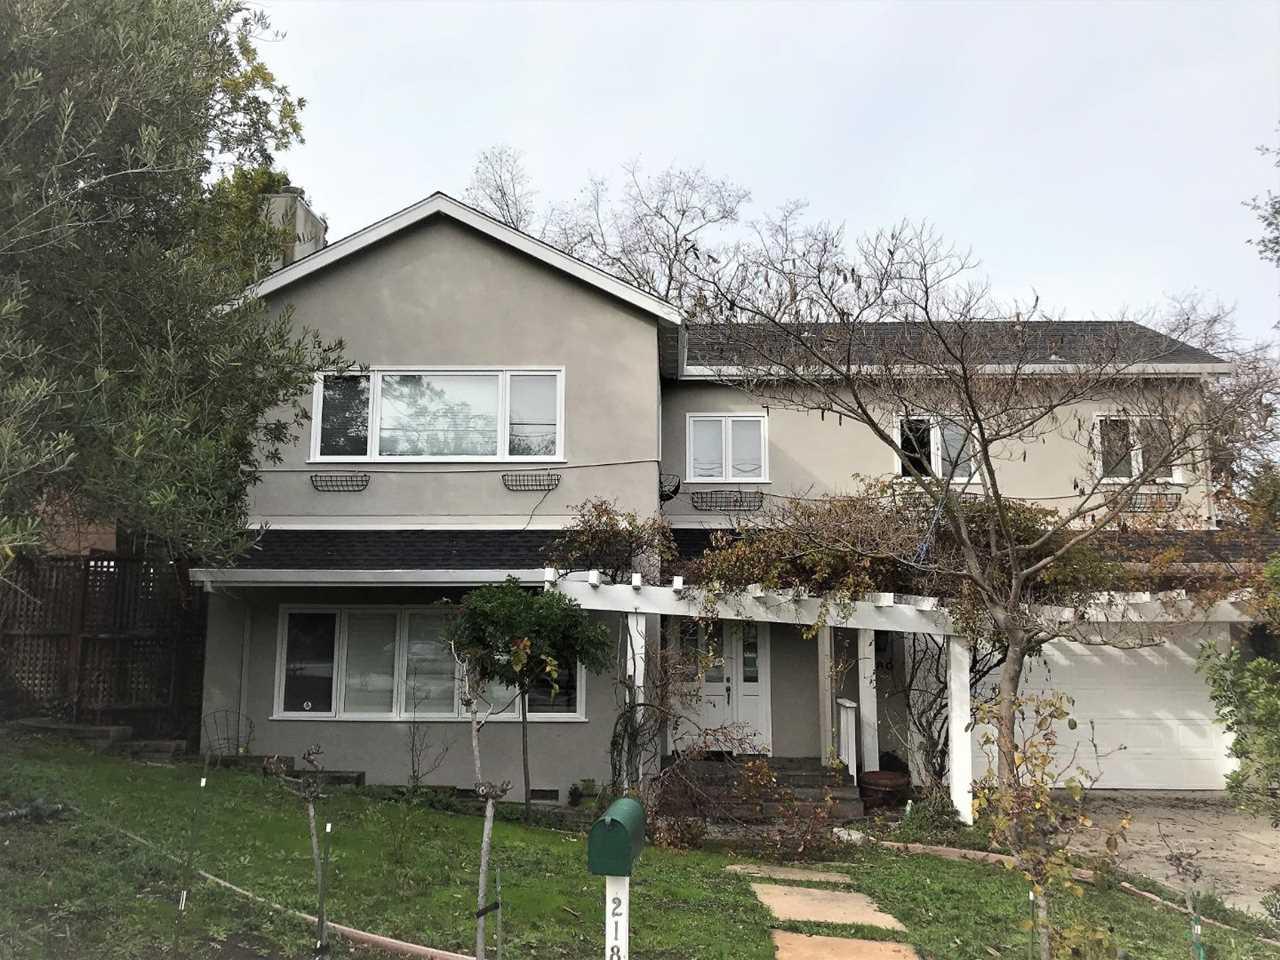 2180 Valparaiso Ave Menlo Park, CA 94025 | MLS ML81734953 Photo 1